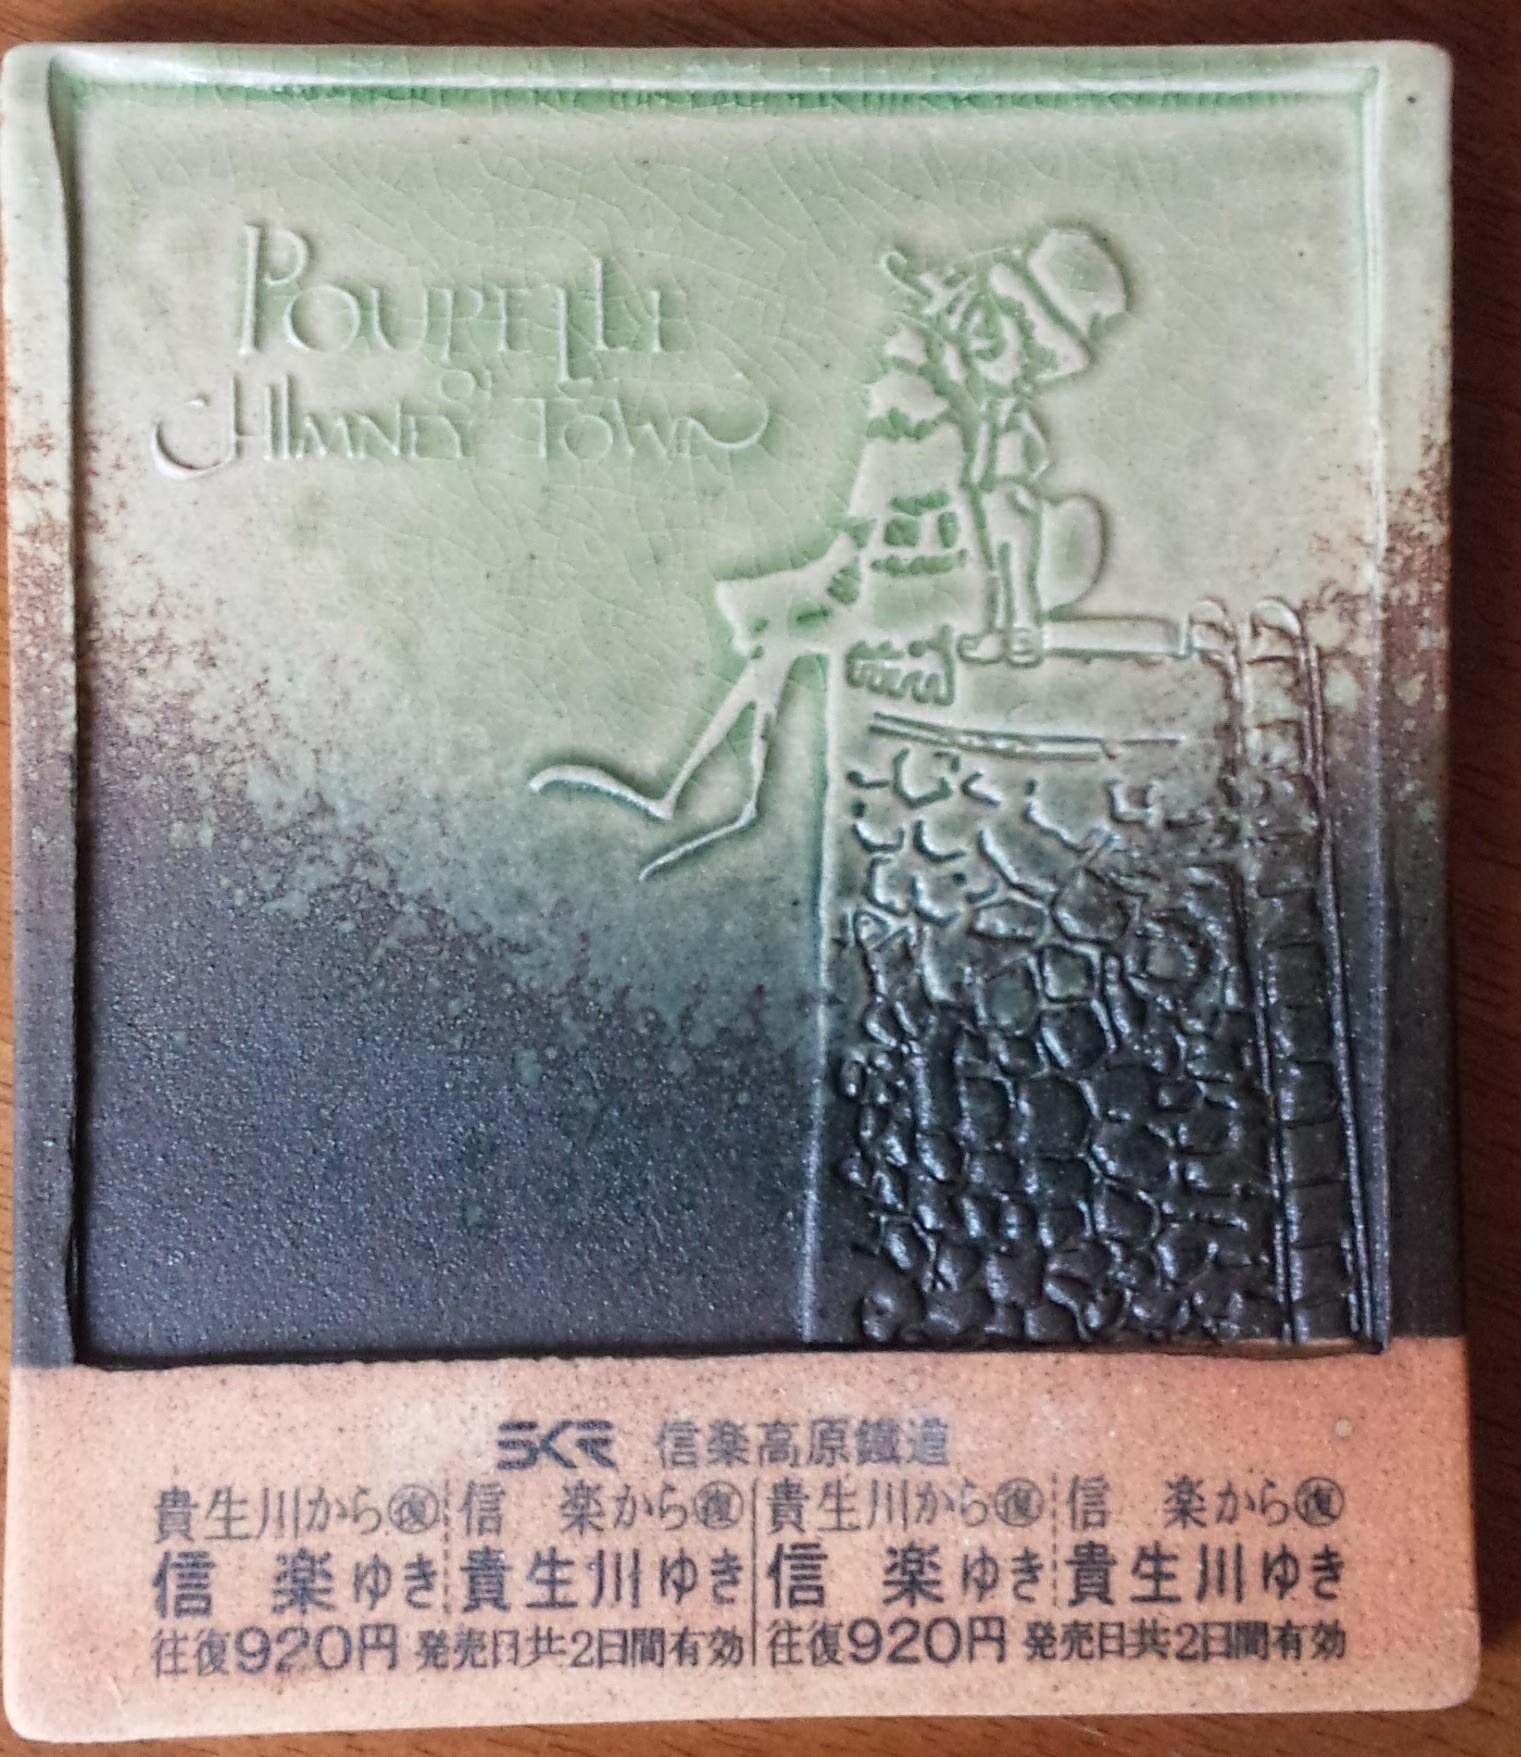 プペル展開催記念陶板(信楽高原鐵道切符付)